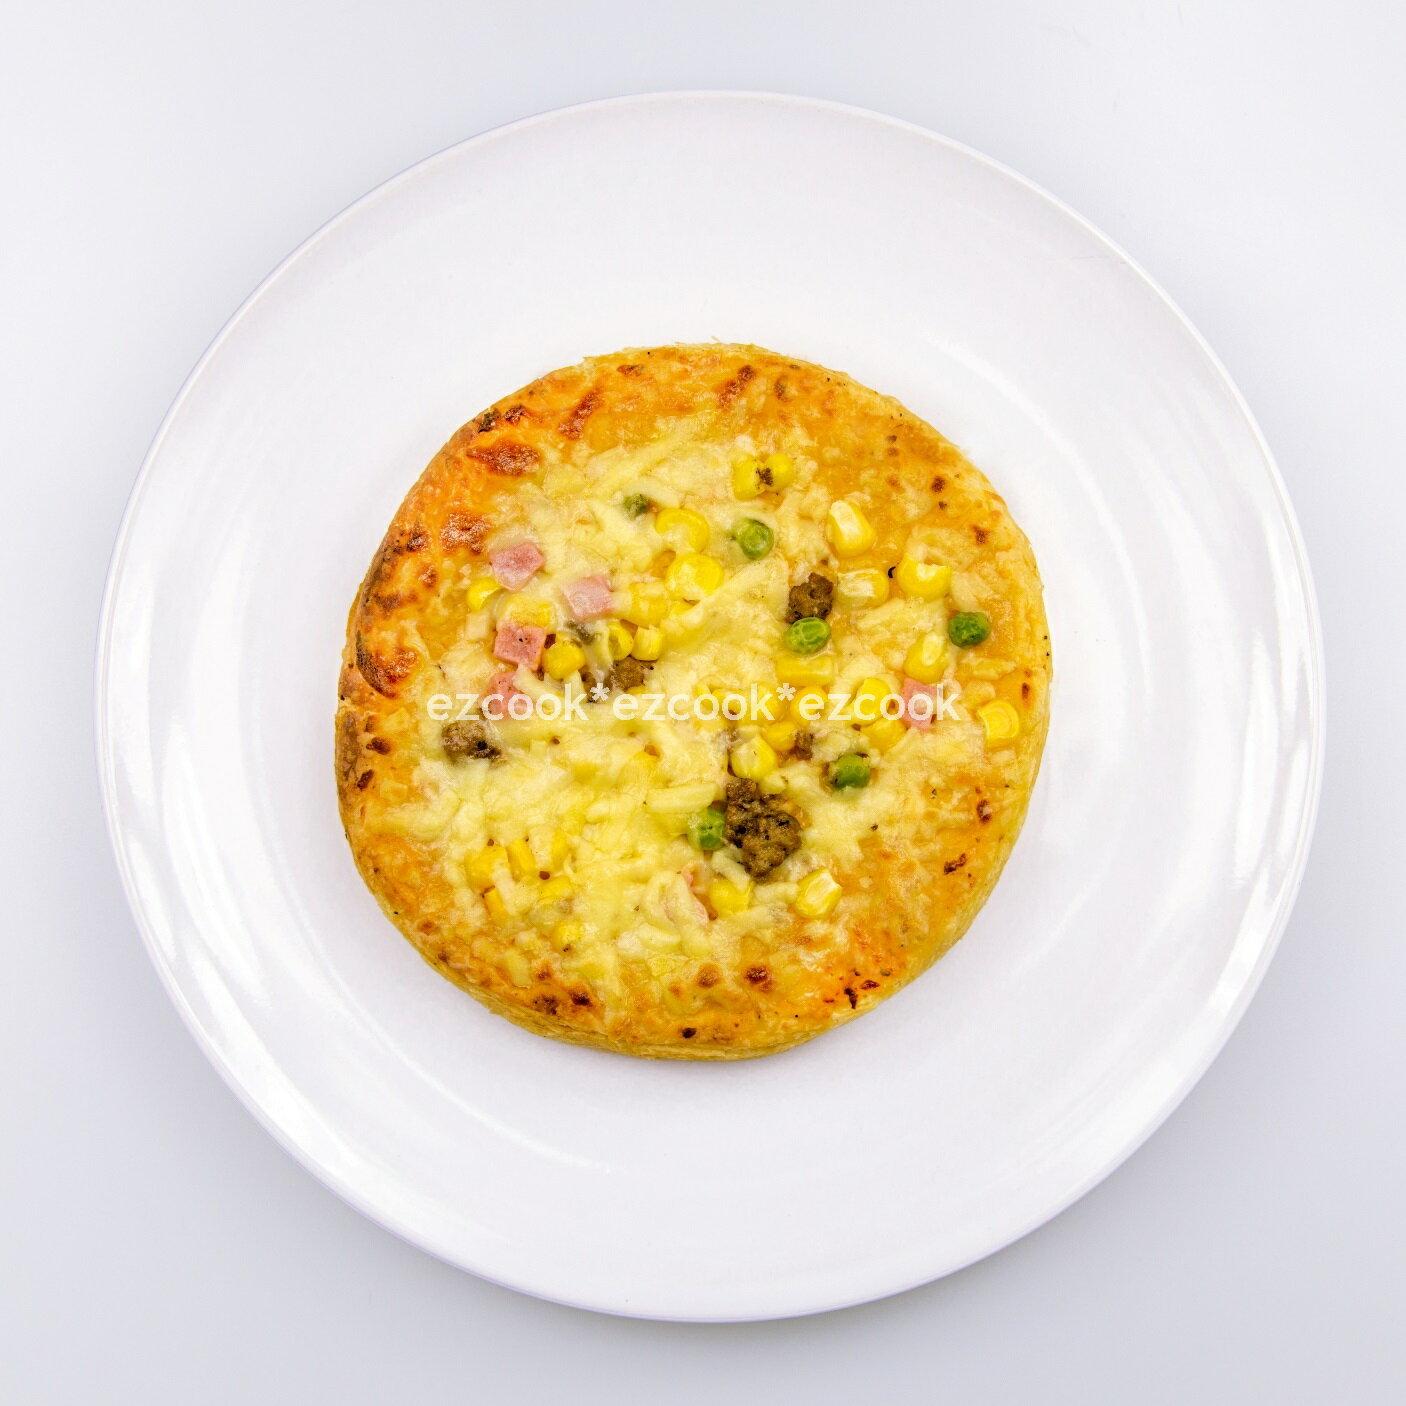 6吋總匯千層披薩